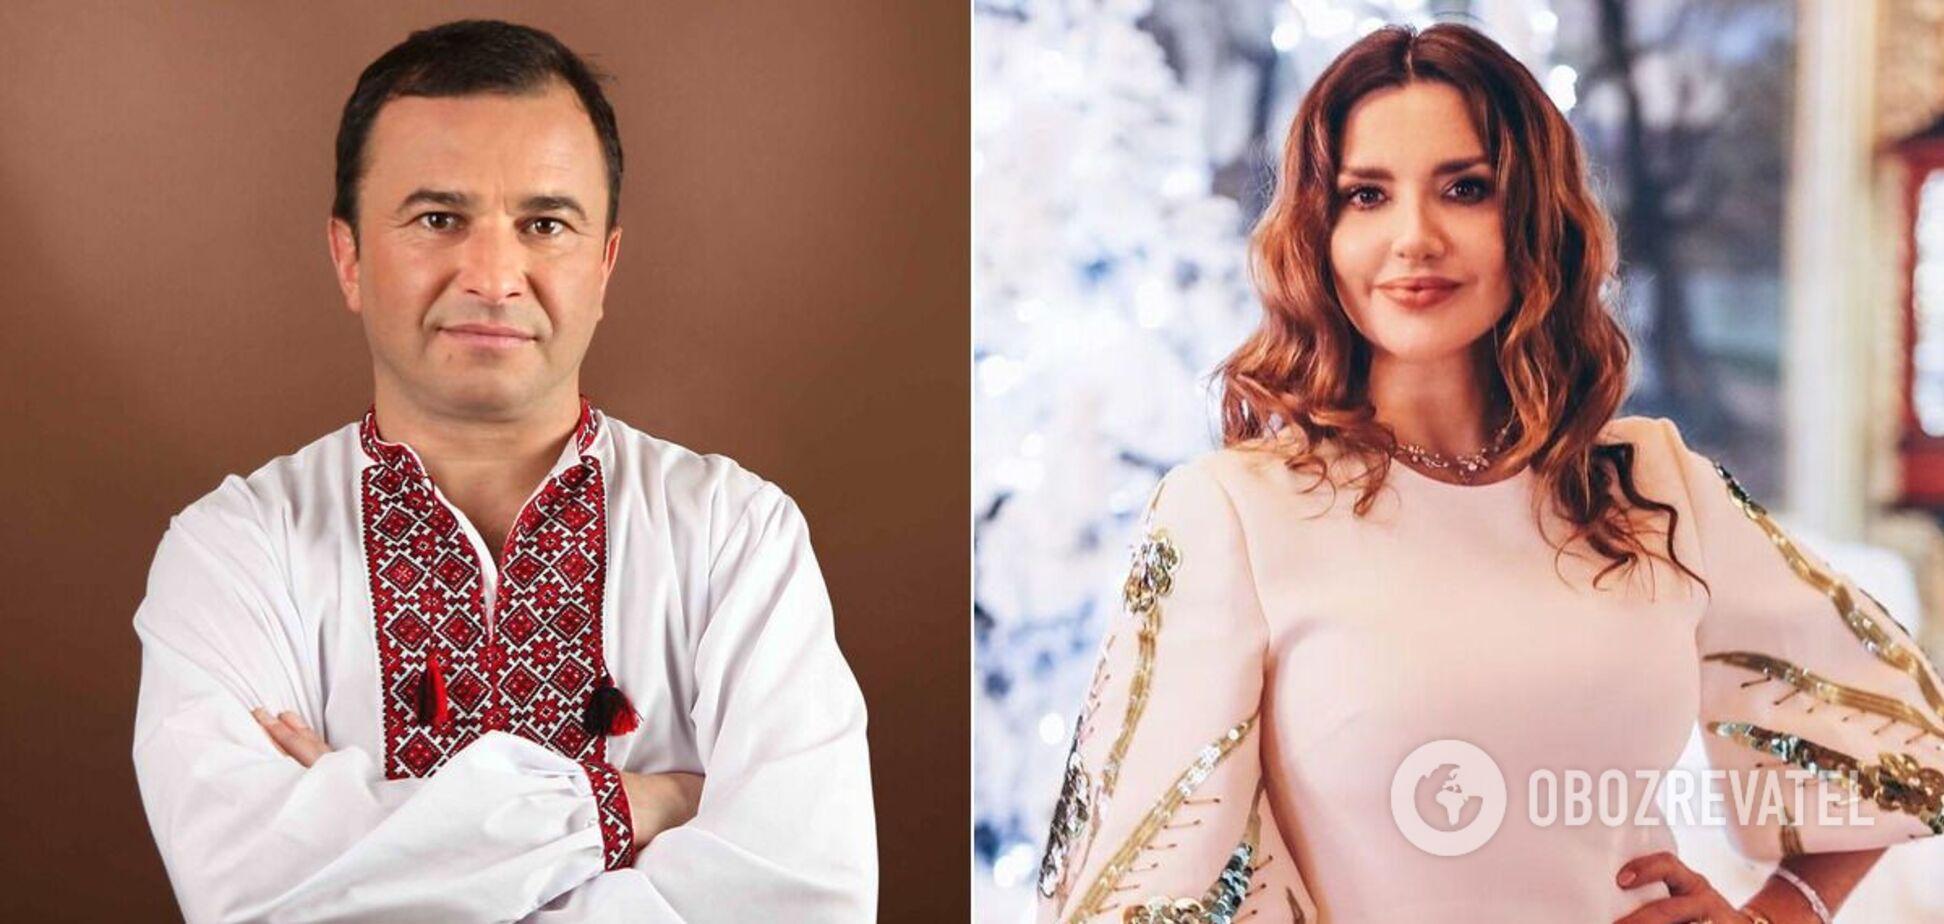 Віктор Павлік та Оксана Марченко